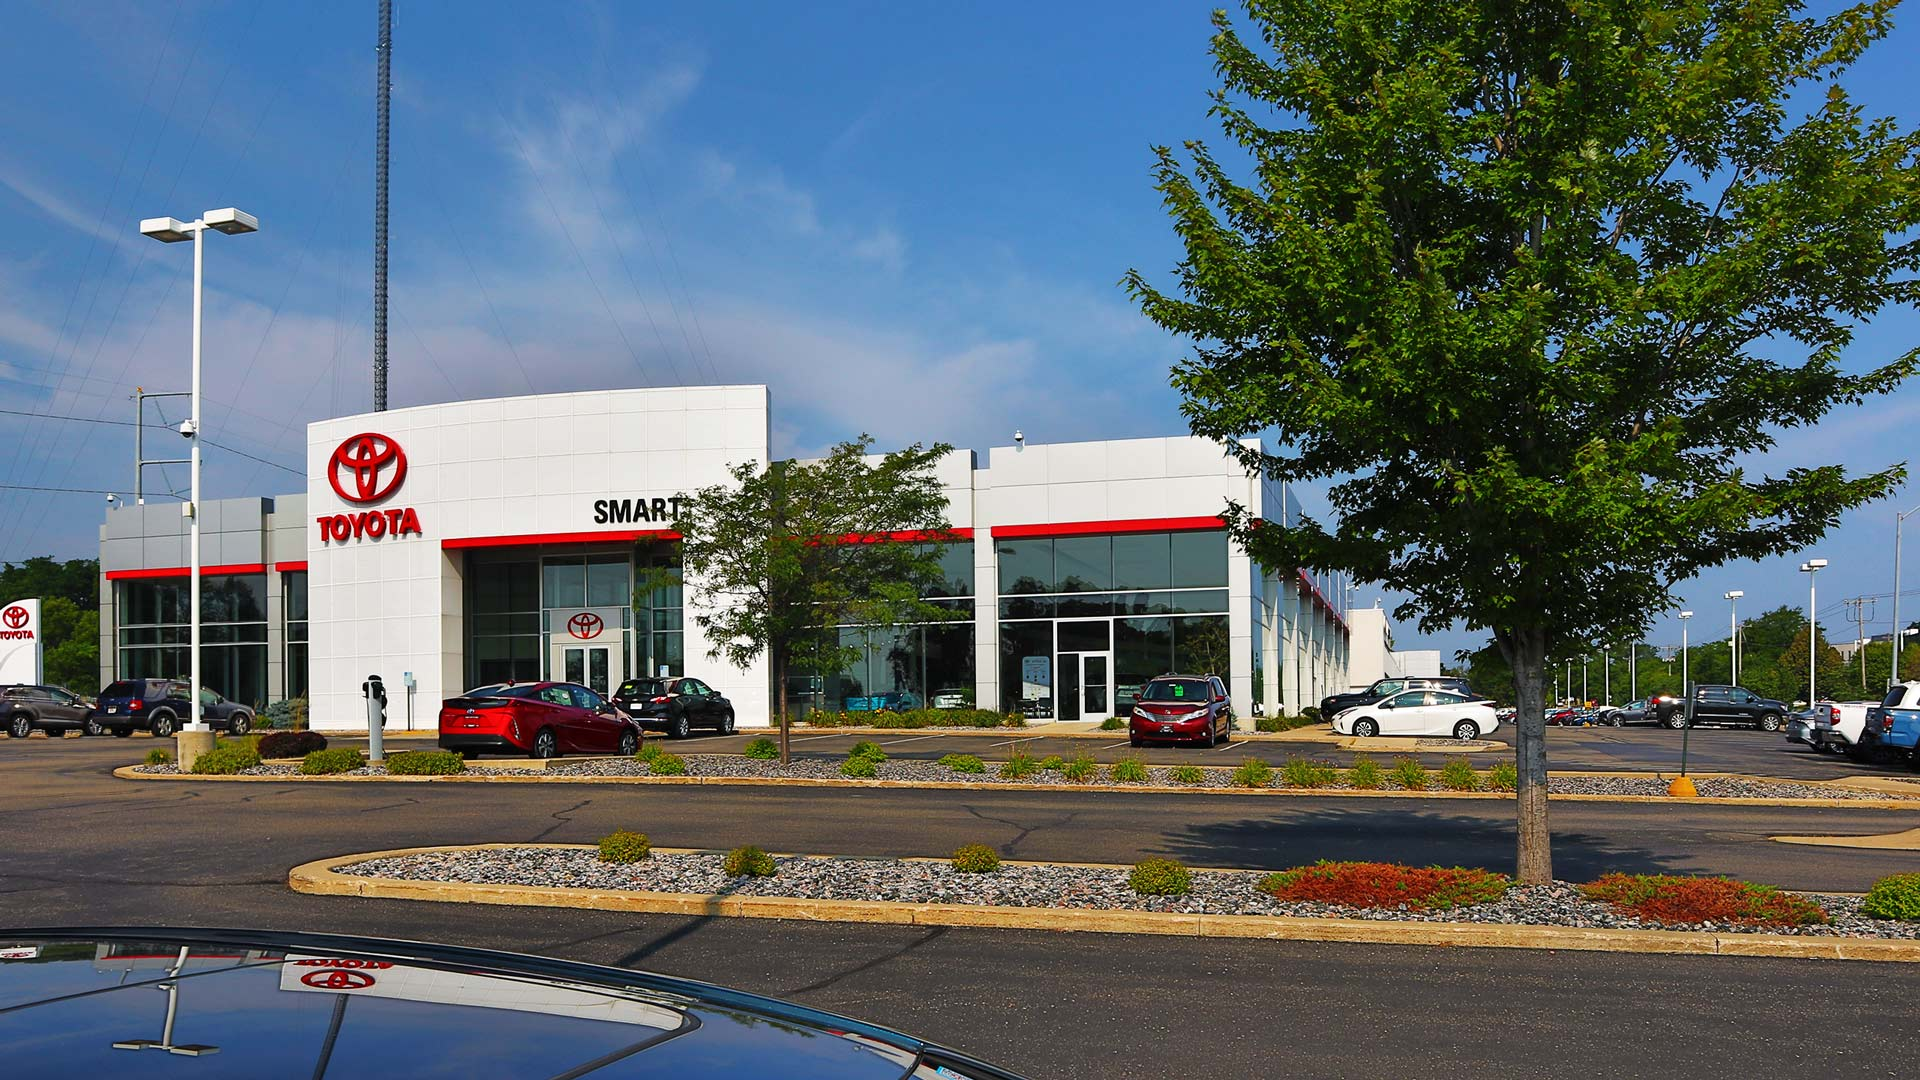 Kelebihan Kekurangan Toyota Smart Spesifikasi